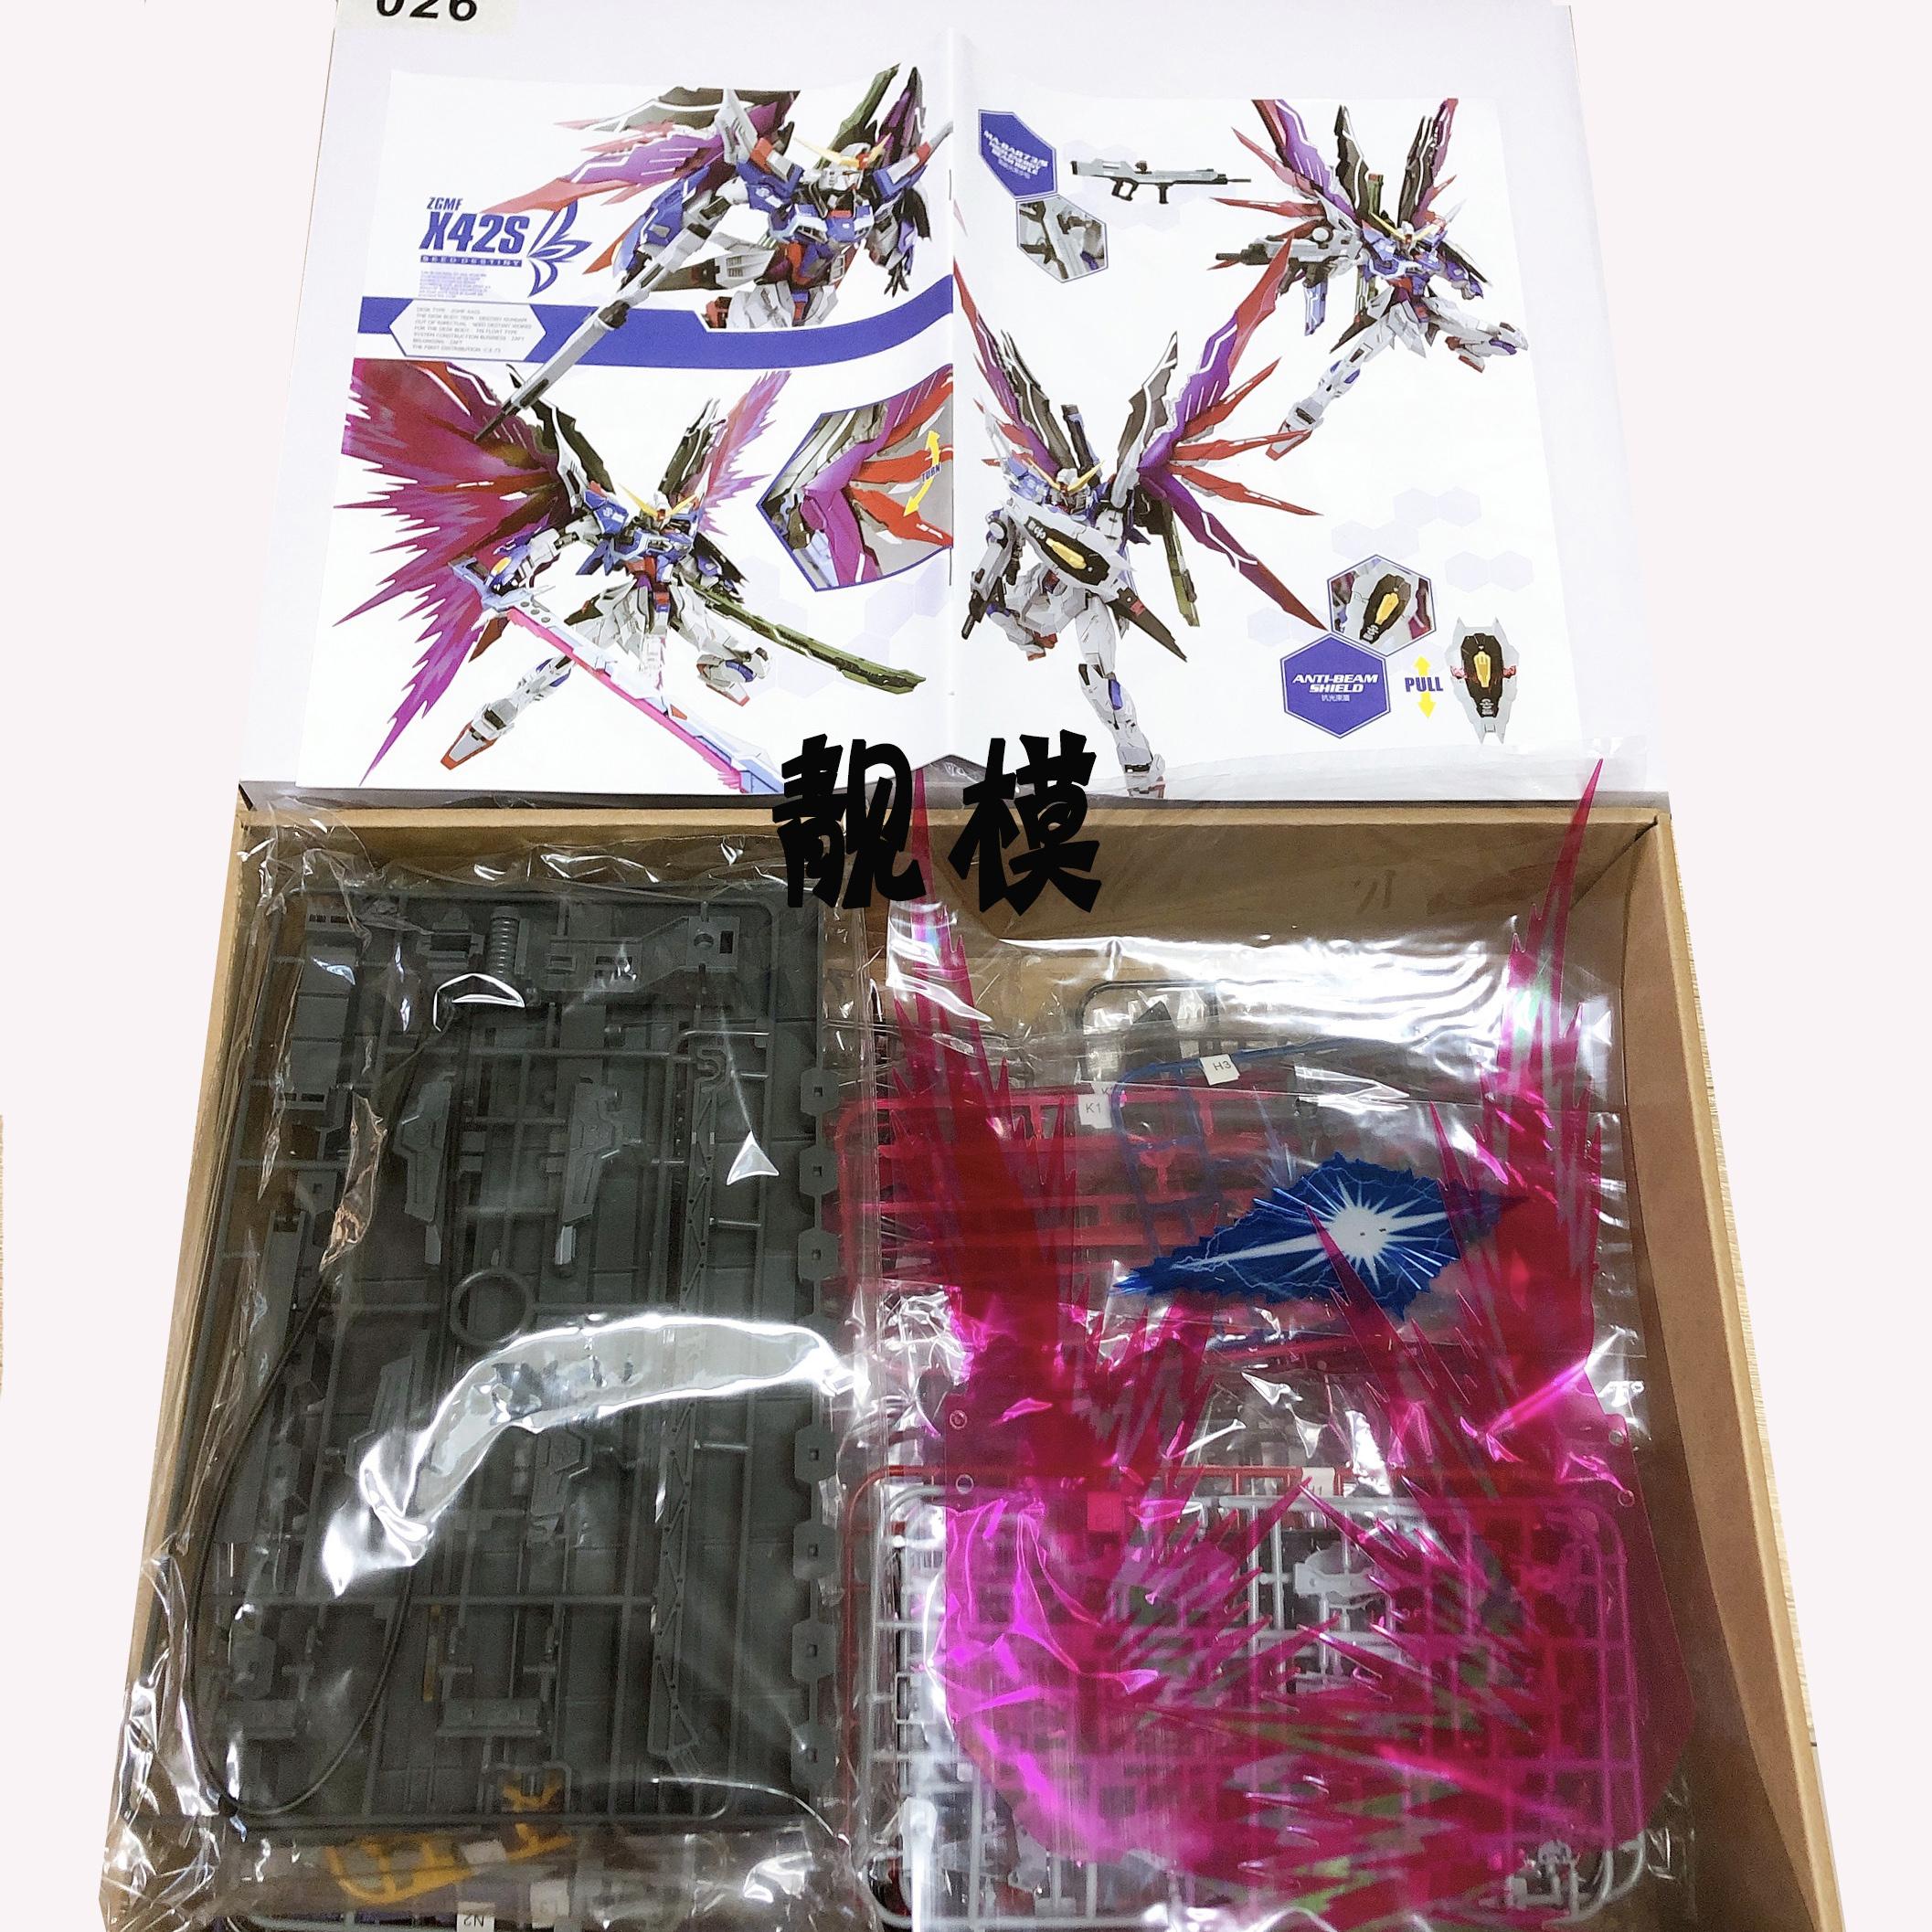 龙桃子 MG 原色命运mb样式 1/100 高达拼装模型 带光翼水贴发射器